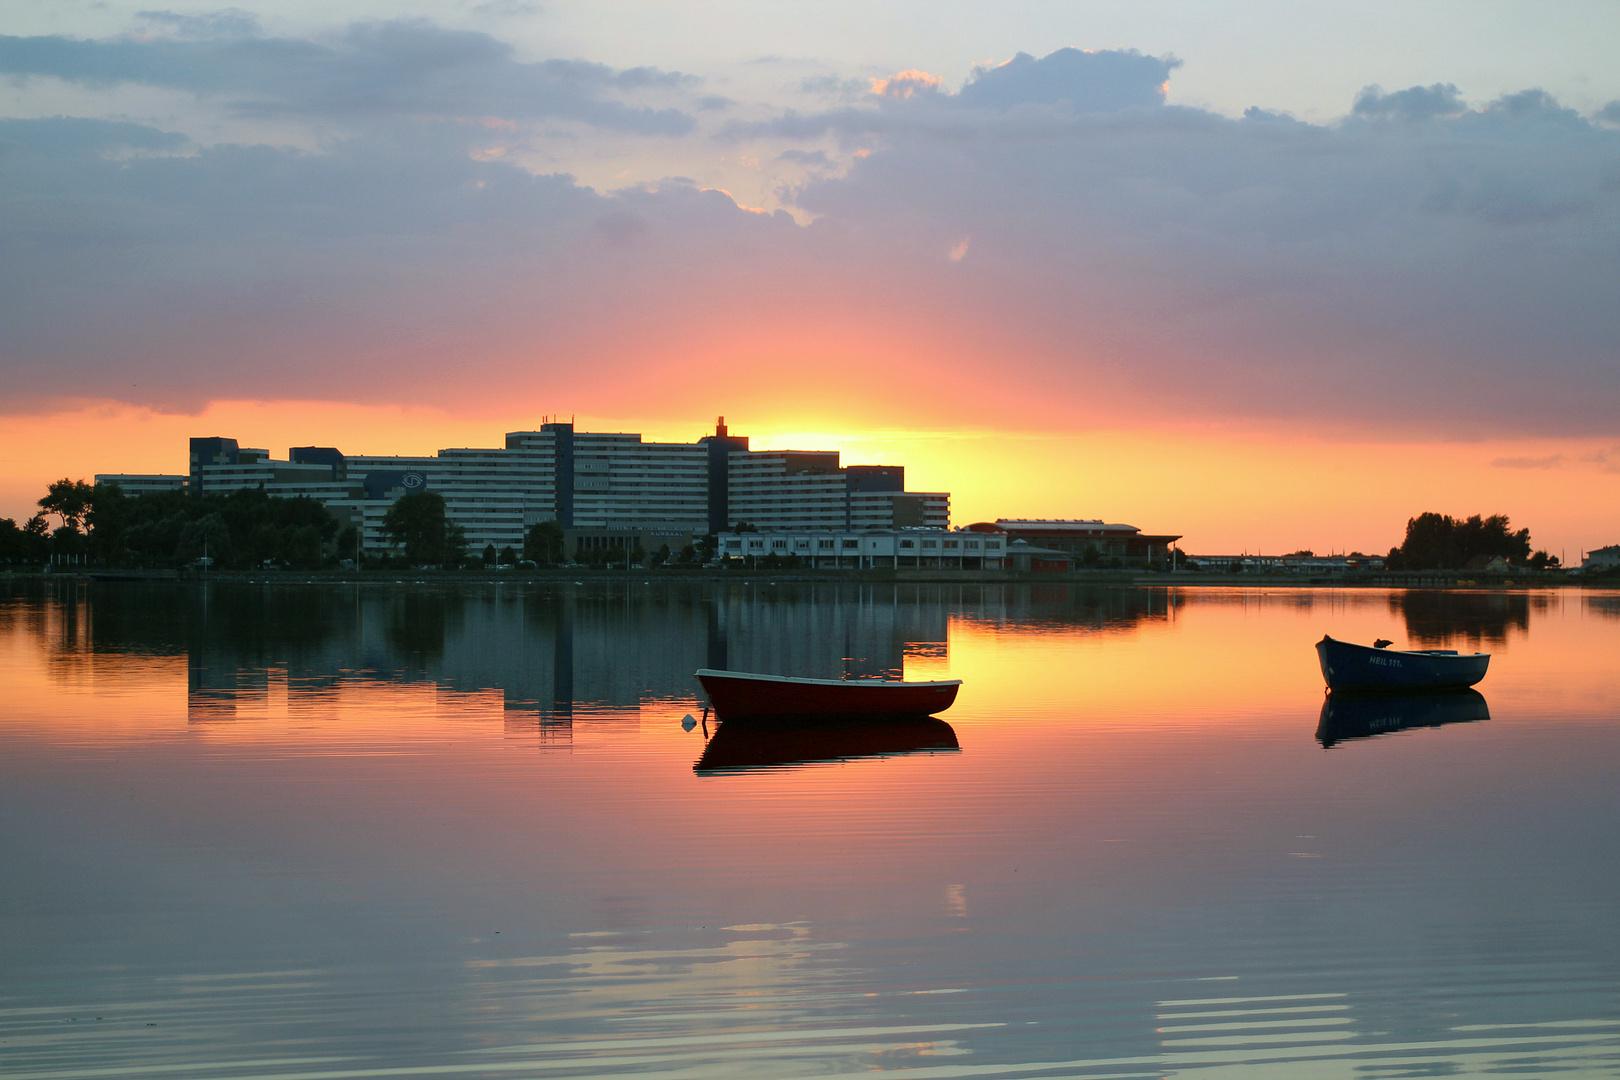 Sonnenuntergang in Heiligenhafen